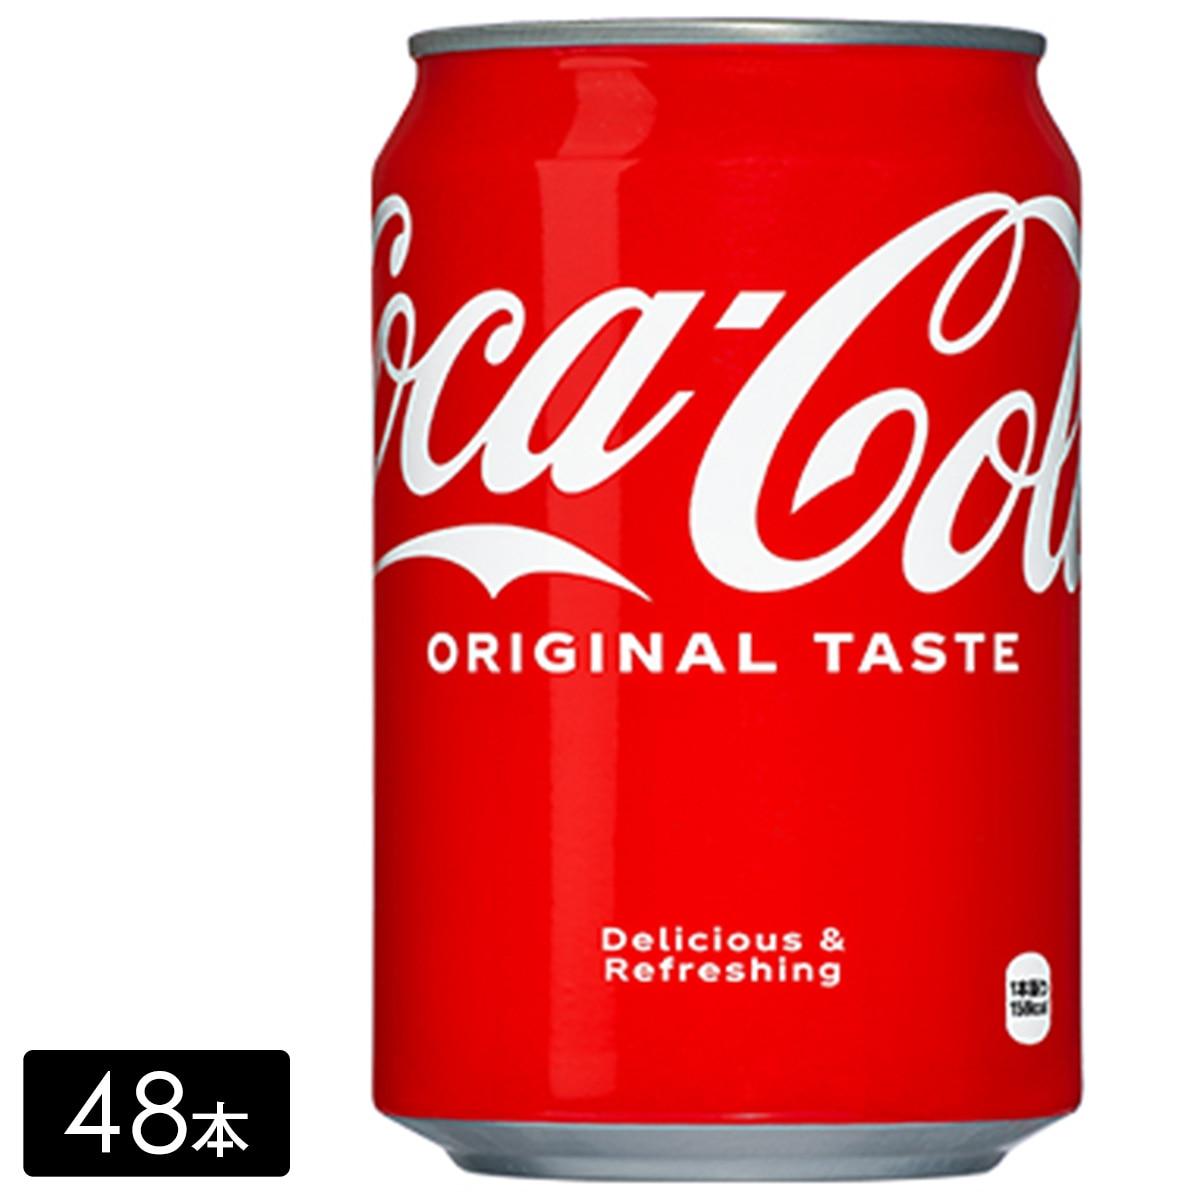 コカ・コーラボトラーズ コカ・コーラ 350mL×48本 6036